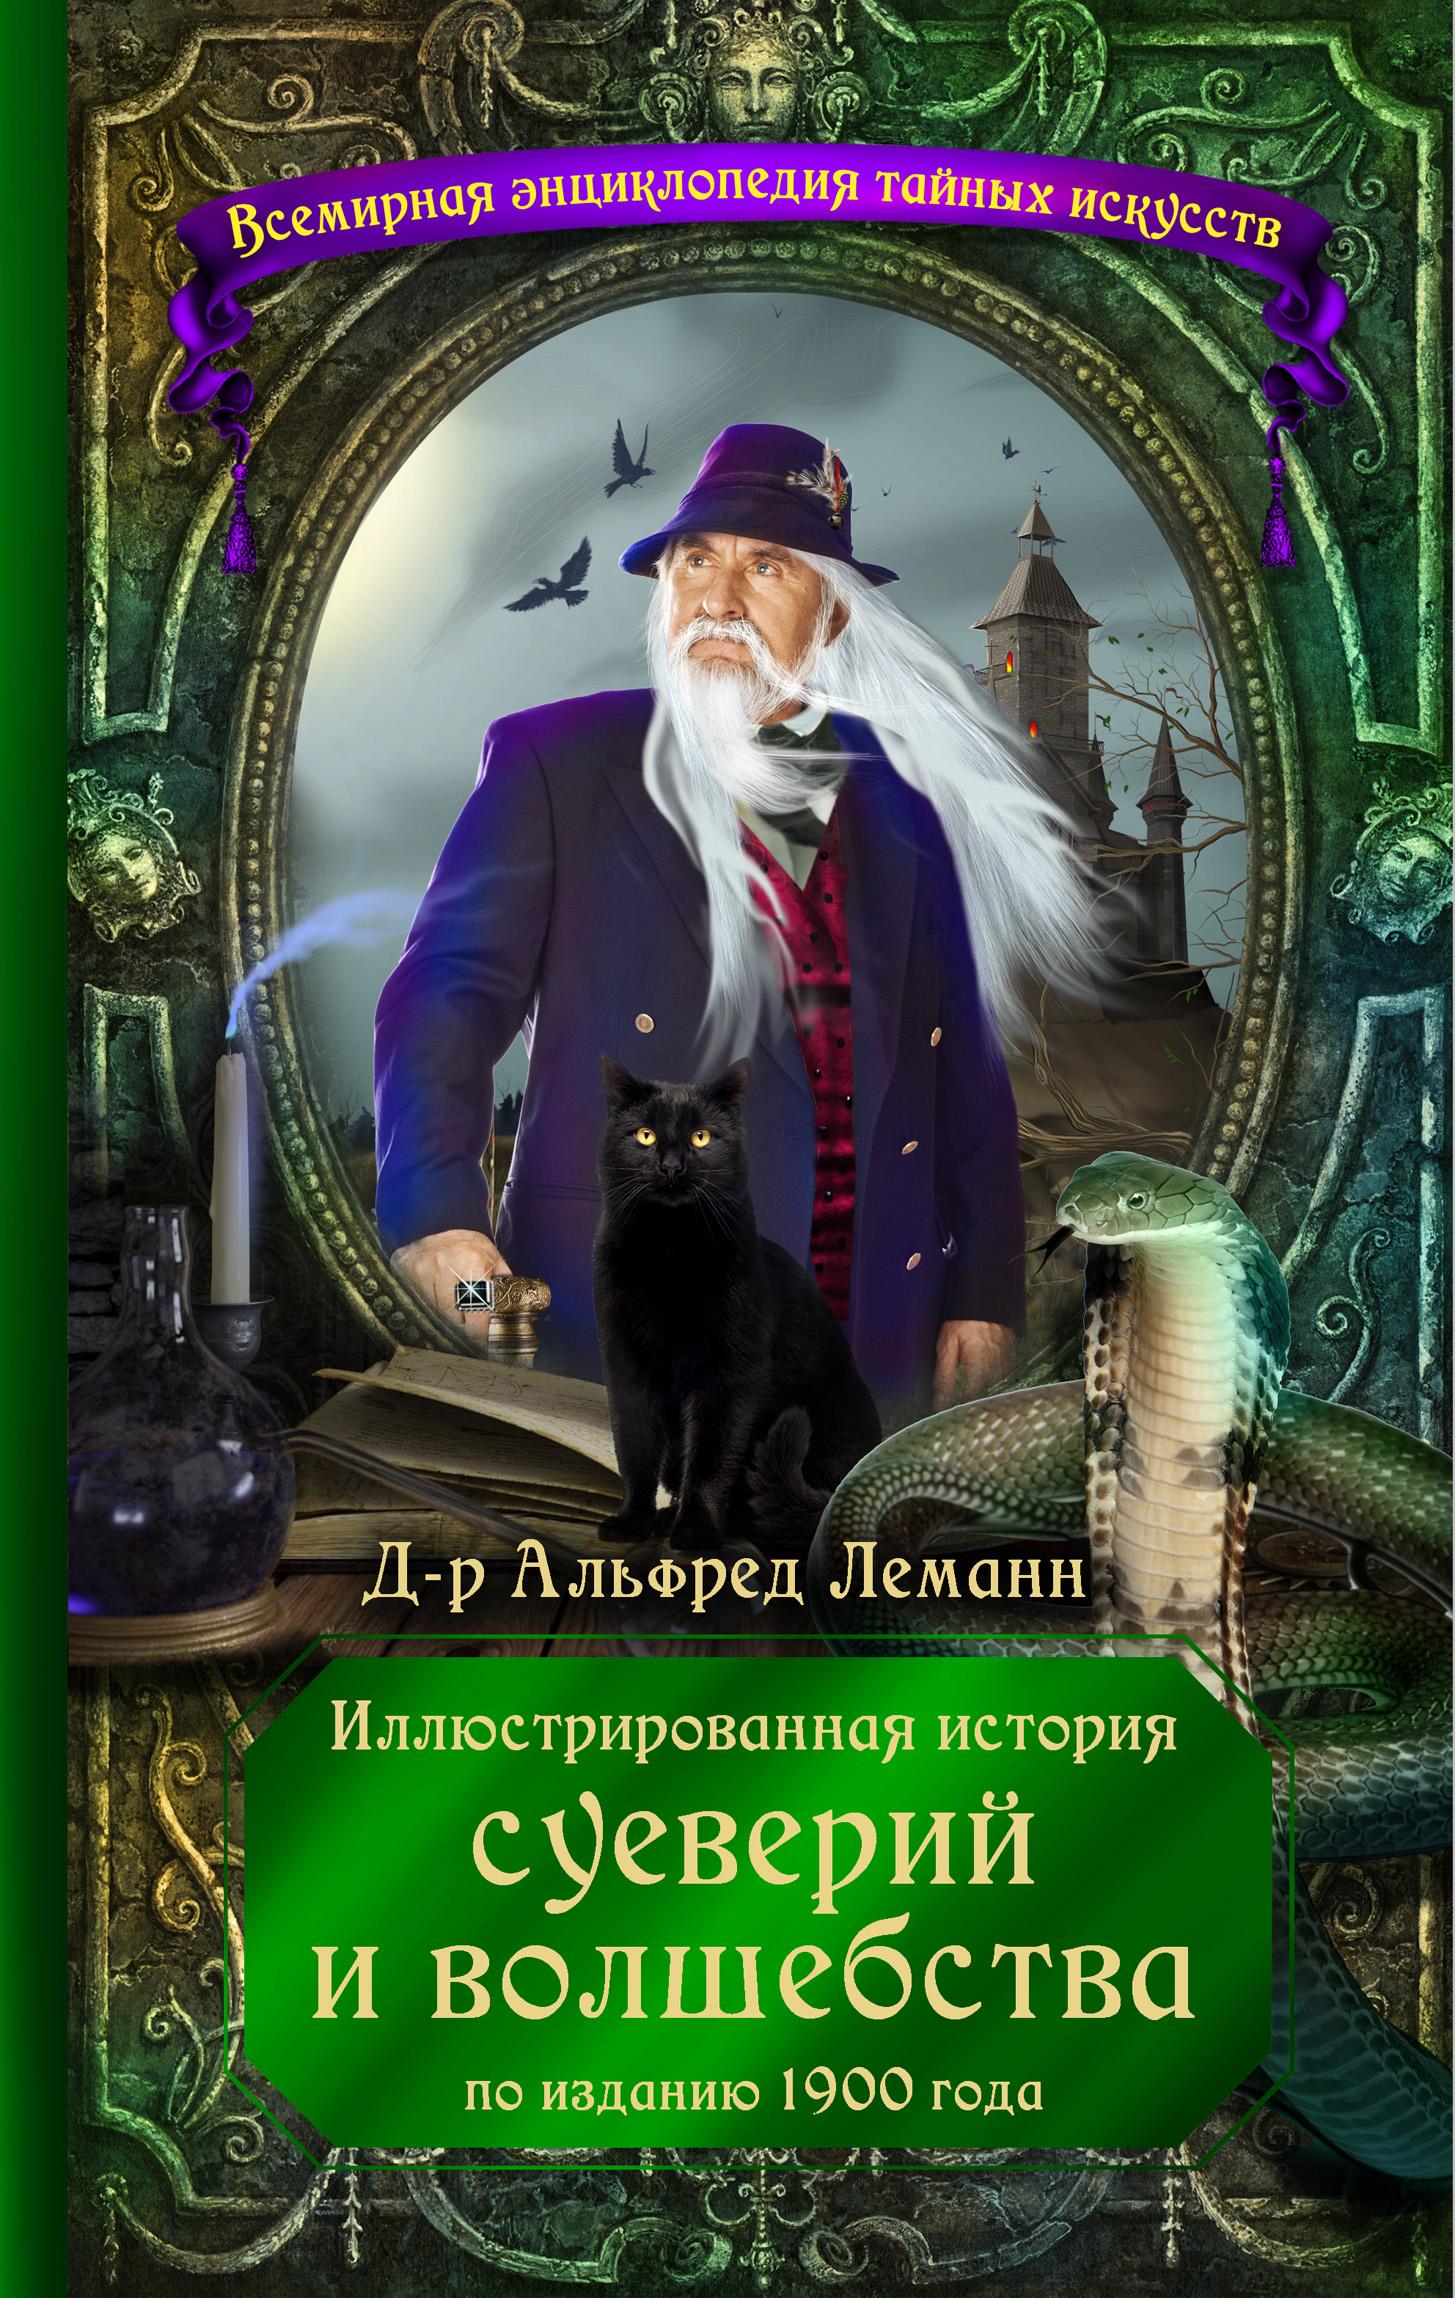 Иллюстрированная история суеверий и волшебства